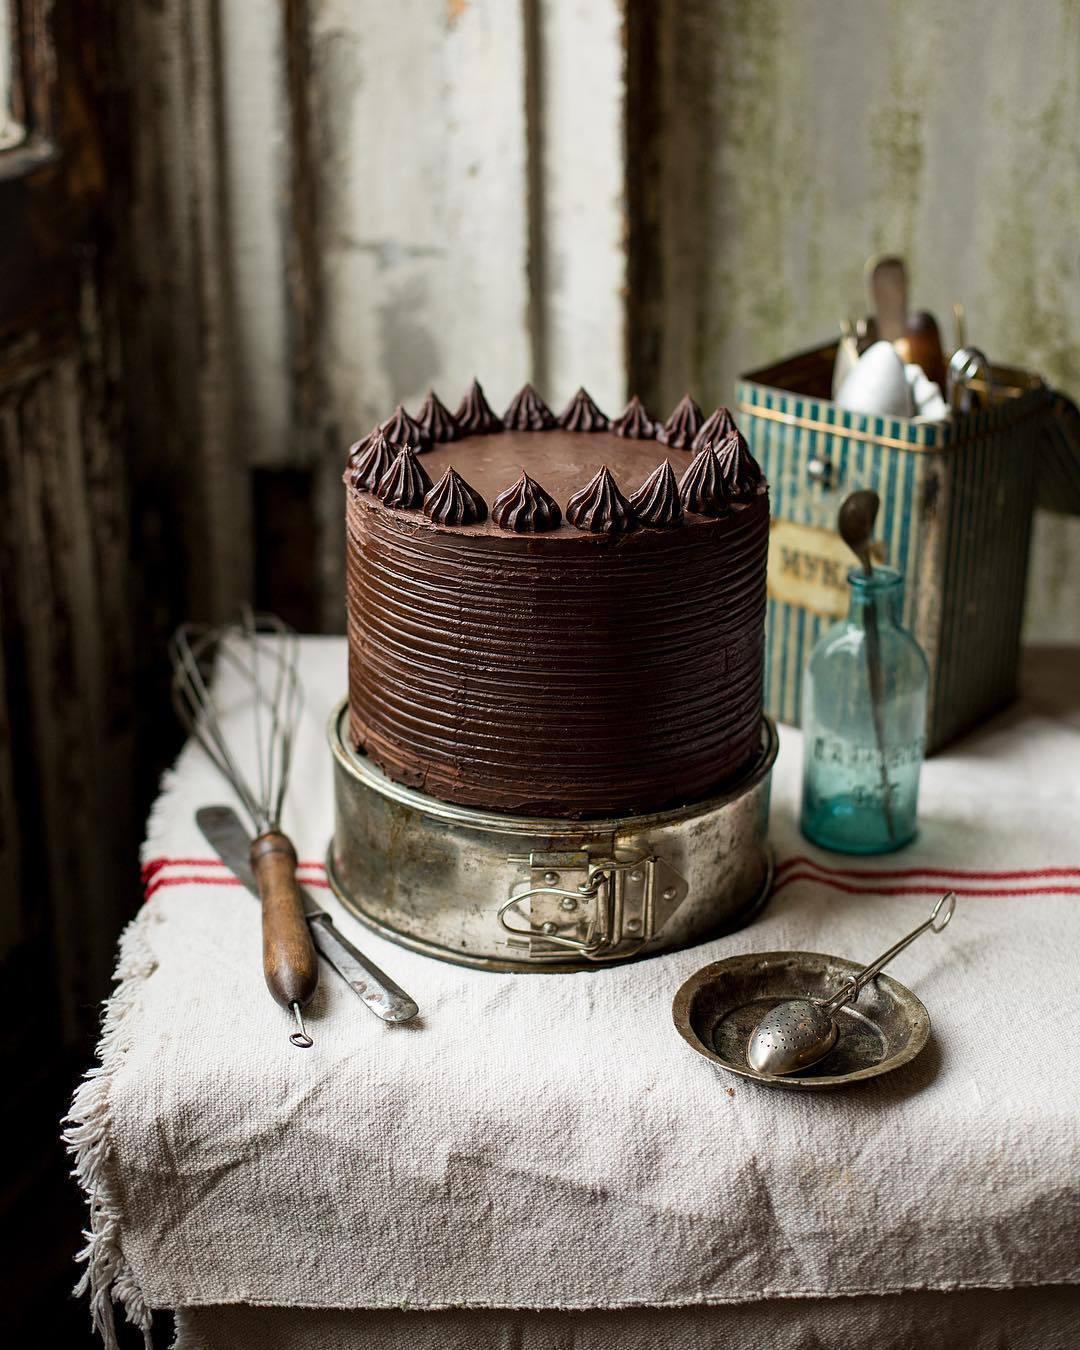 宠物-这位漂亮的美女蛋糕师,让猫咪来为蛋糕代言,将平淡无奇的蛋糕化腐朽为神奇(62)